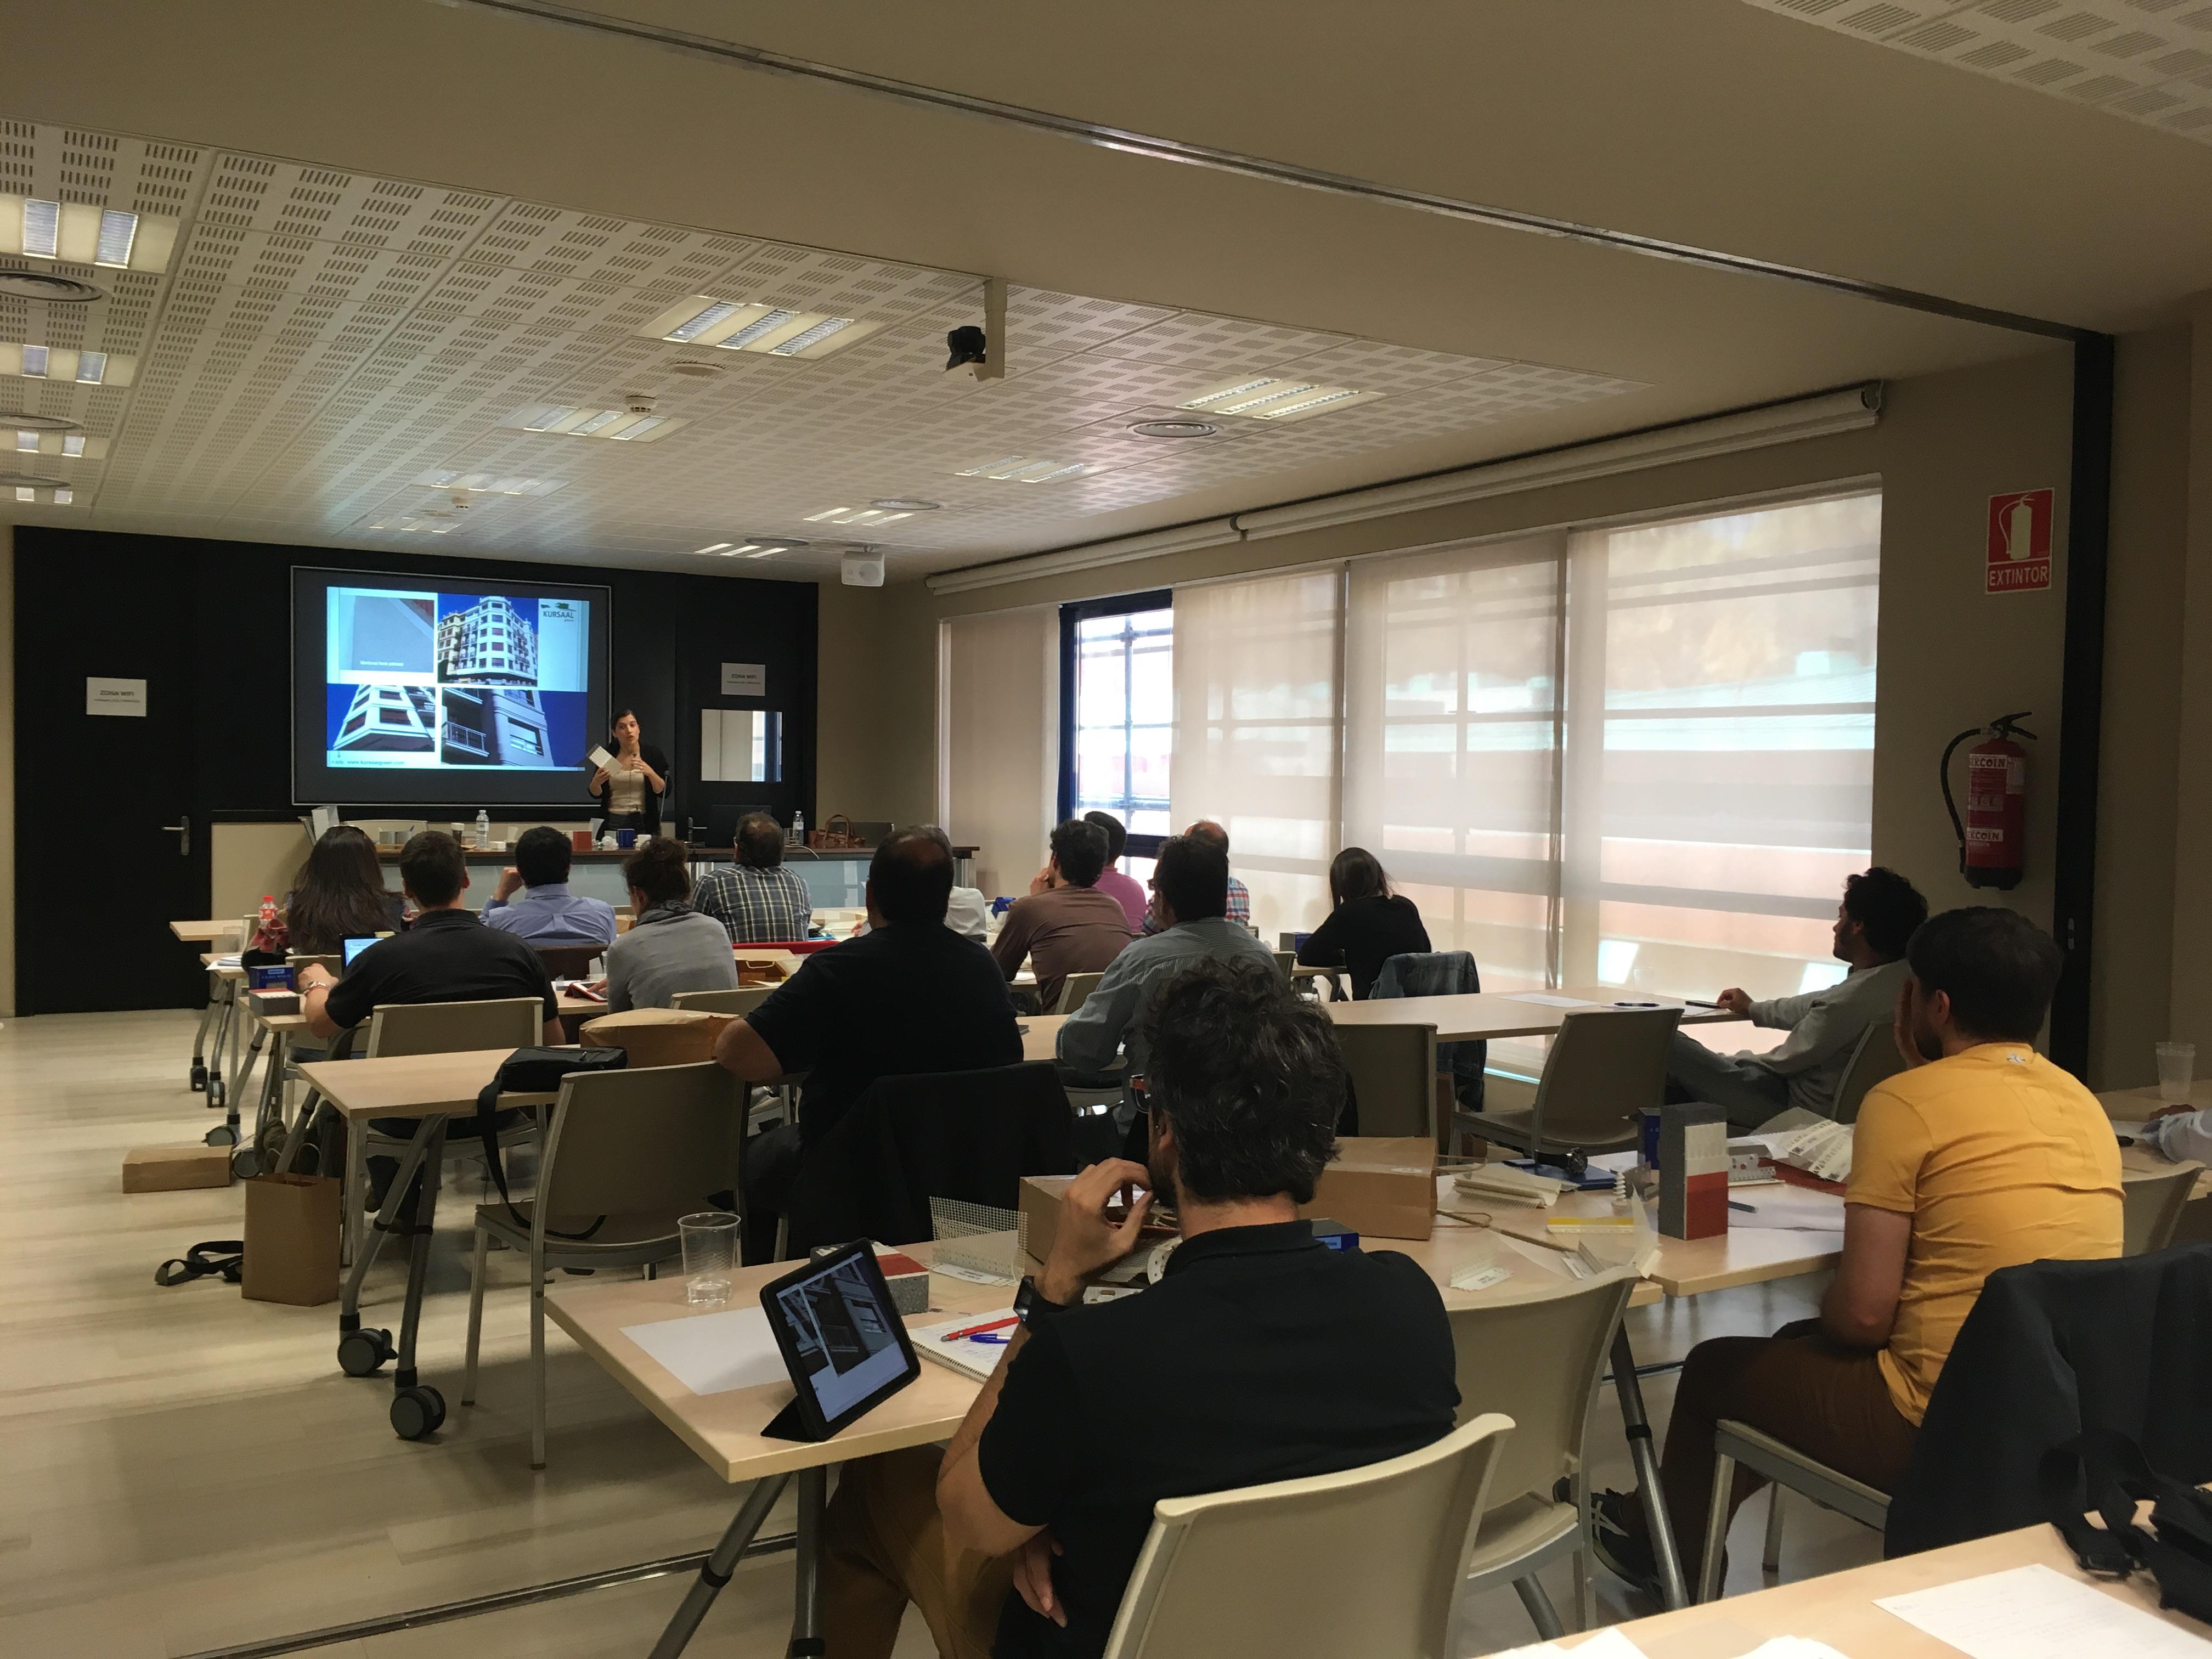 foto noticia: Kursaal Green imparte la 6ª edición del curso SATE en el COAAT de Bizkaia